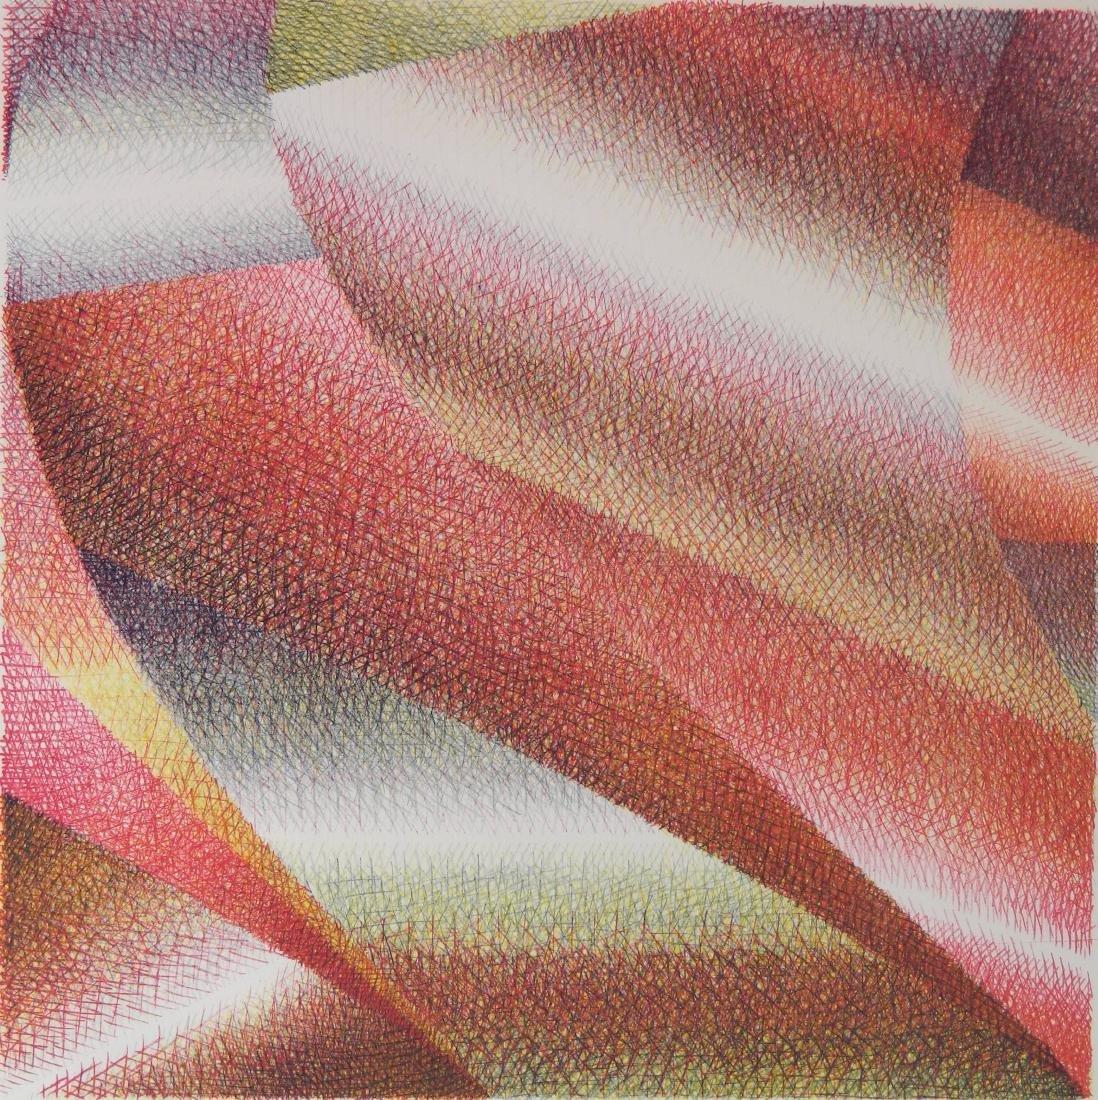 Samia Halaby lithograph